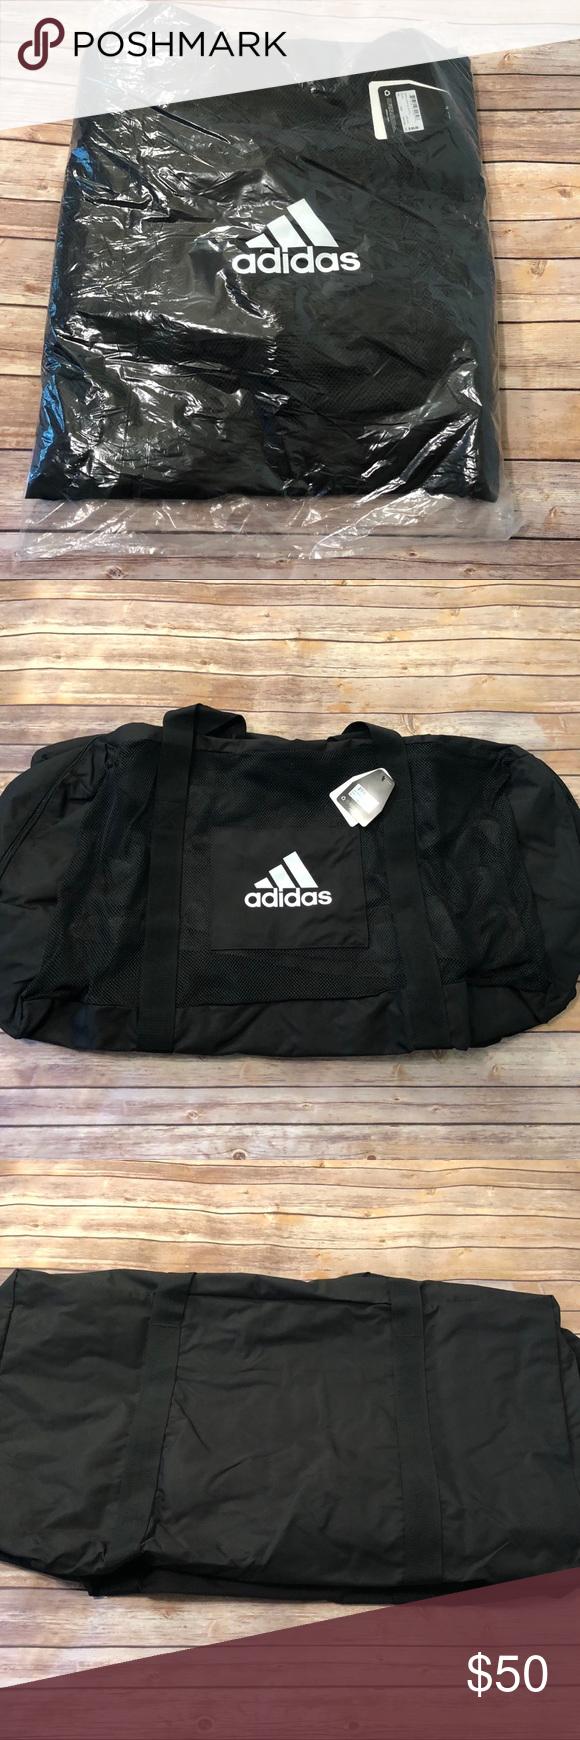 b35bafb5ab3e Adidas Team Carry XL Black Duffel Bag This is a brand new adidas bag! This